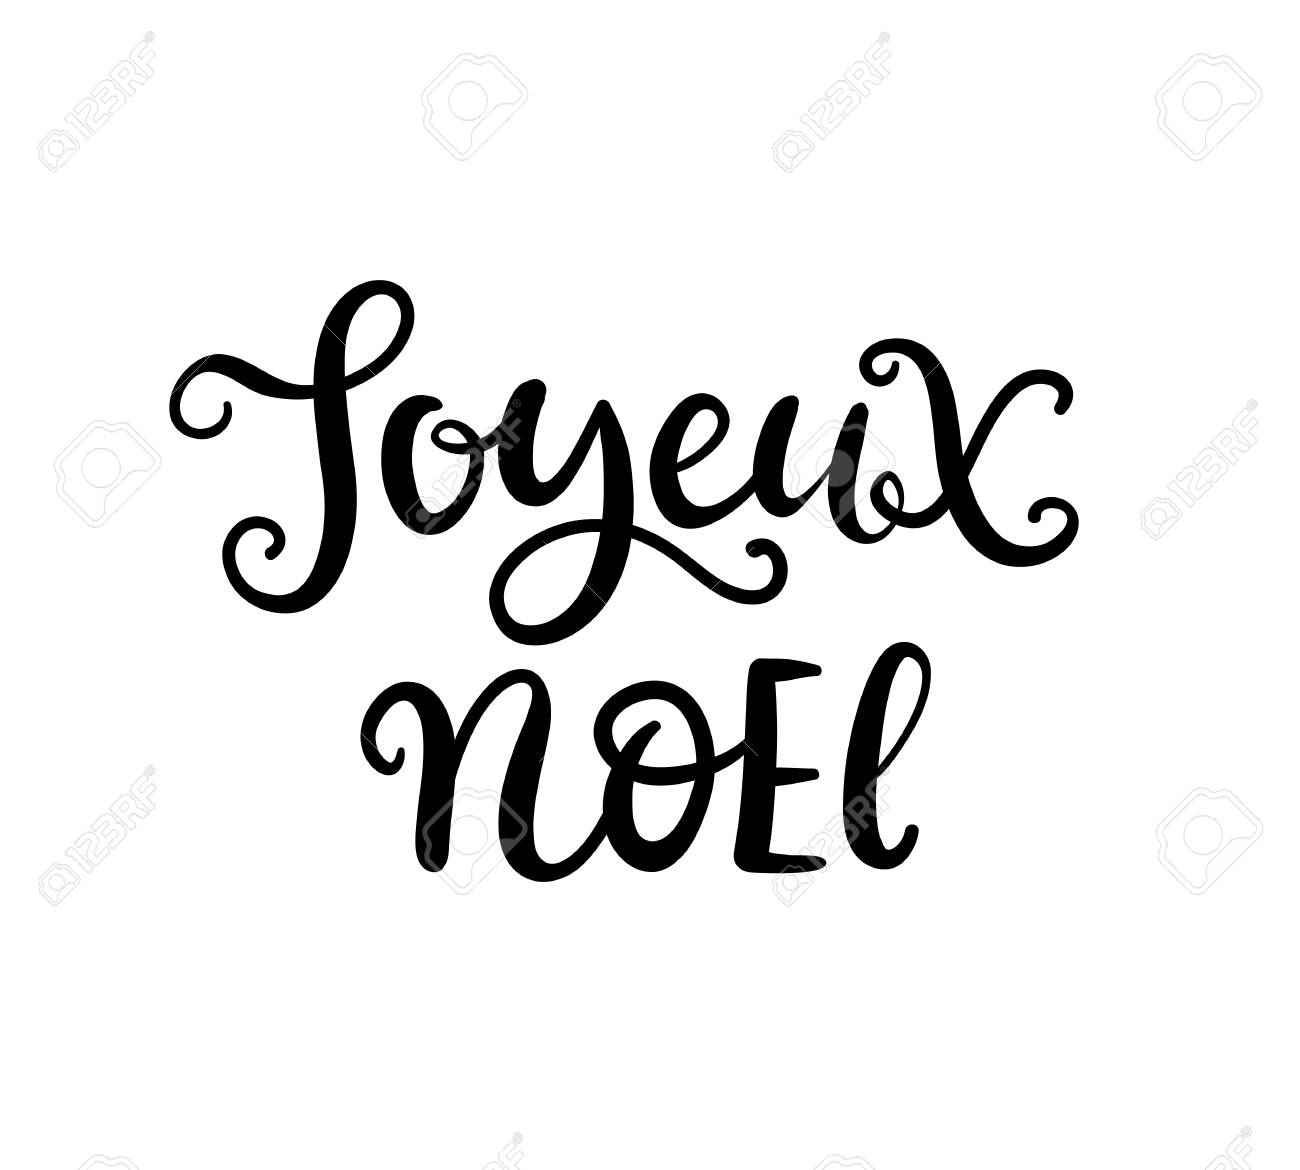 Joyeux Noel Clipart.Christmas Ink Hand Lettering Joyeux Noel Phrase